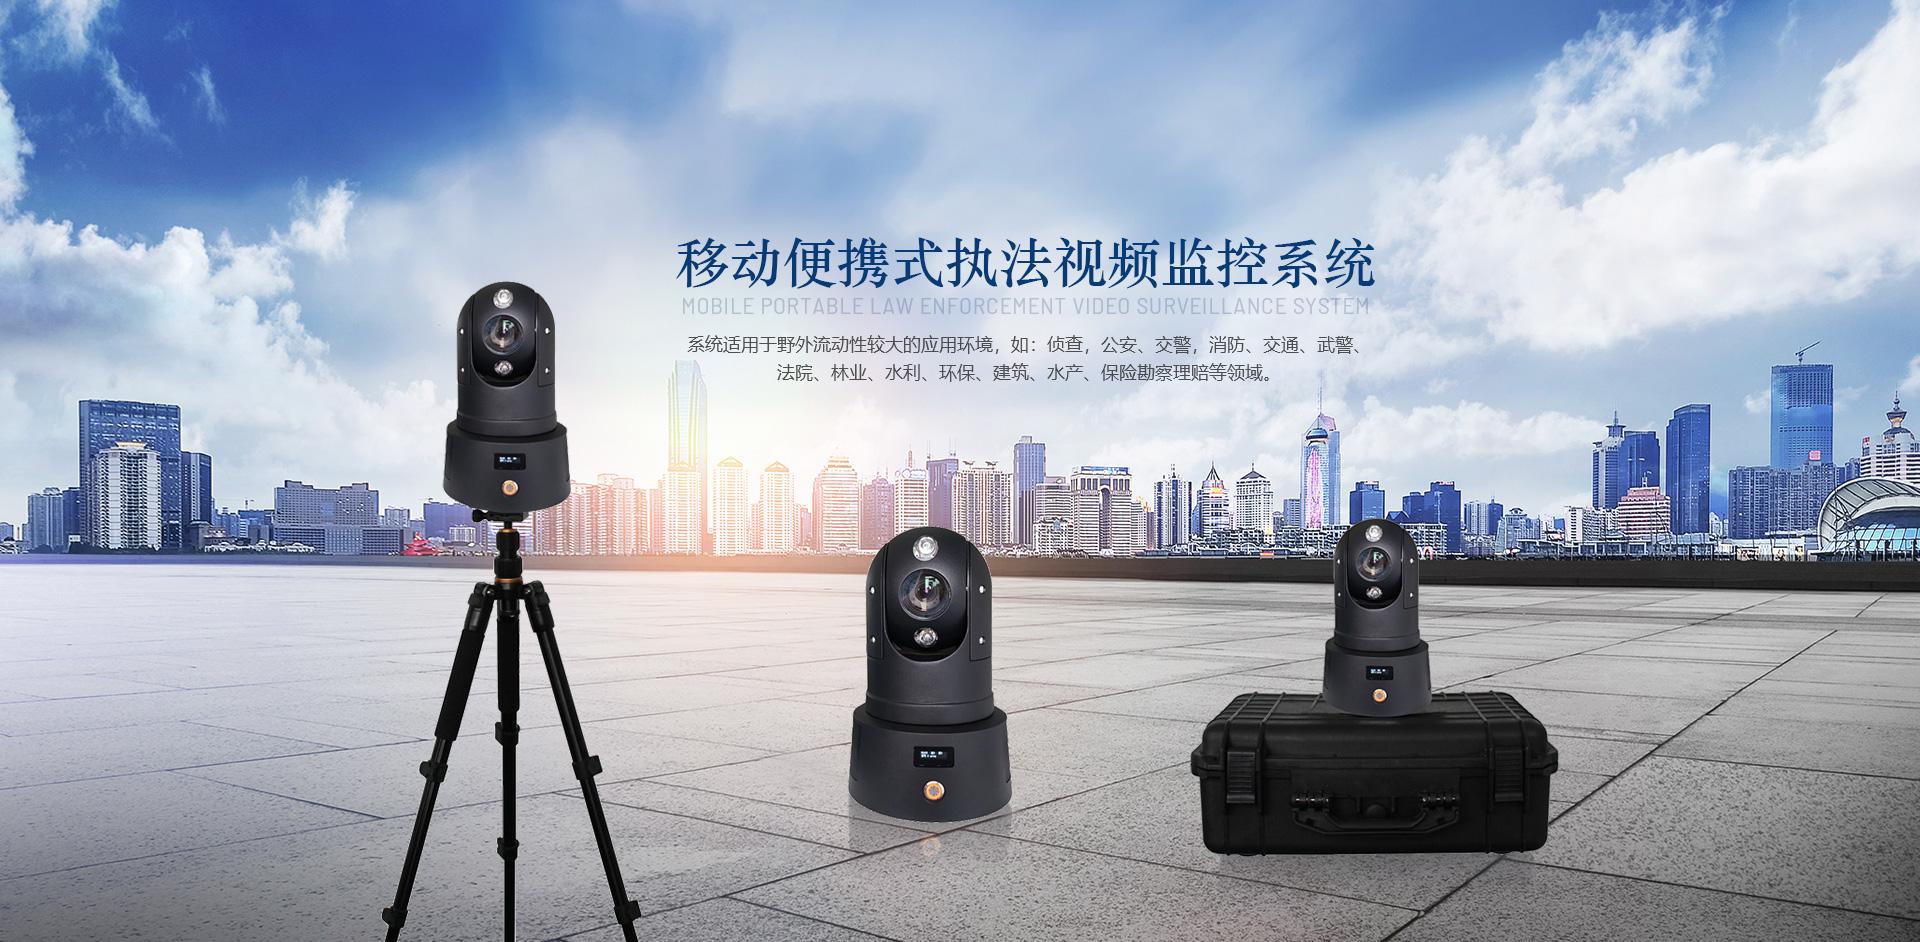 移动便携式执法视频监控系统